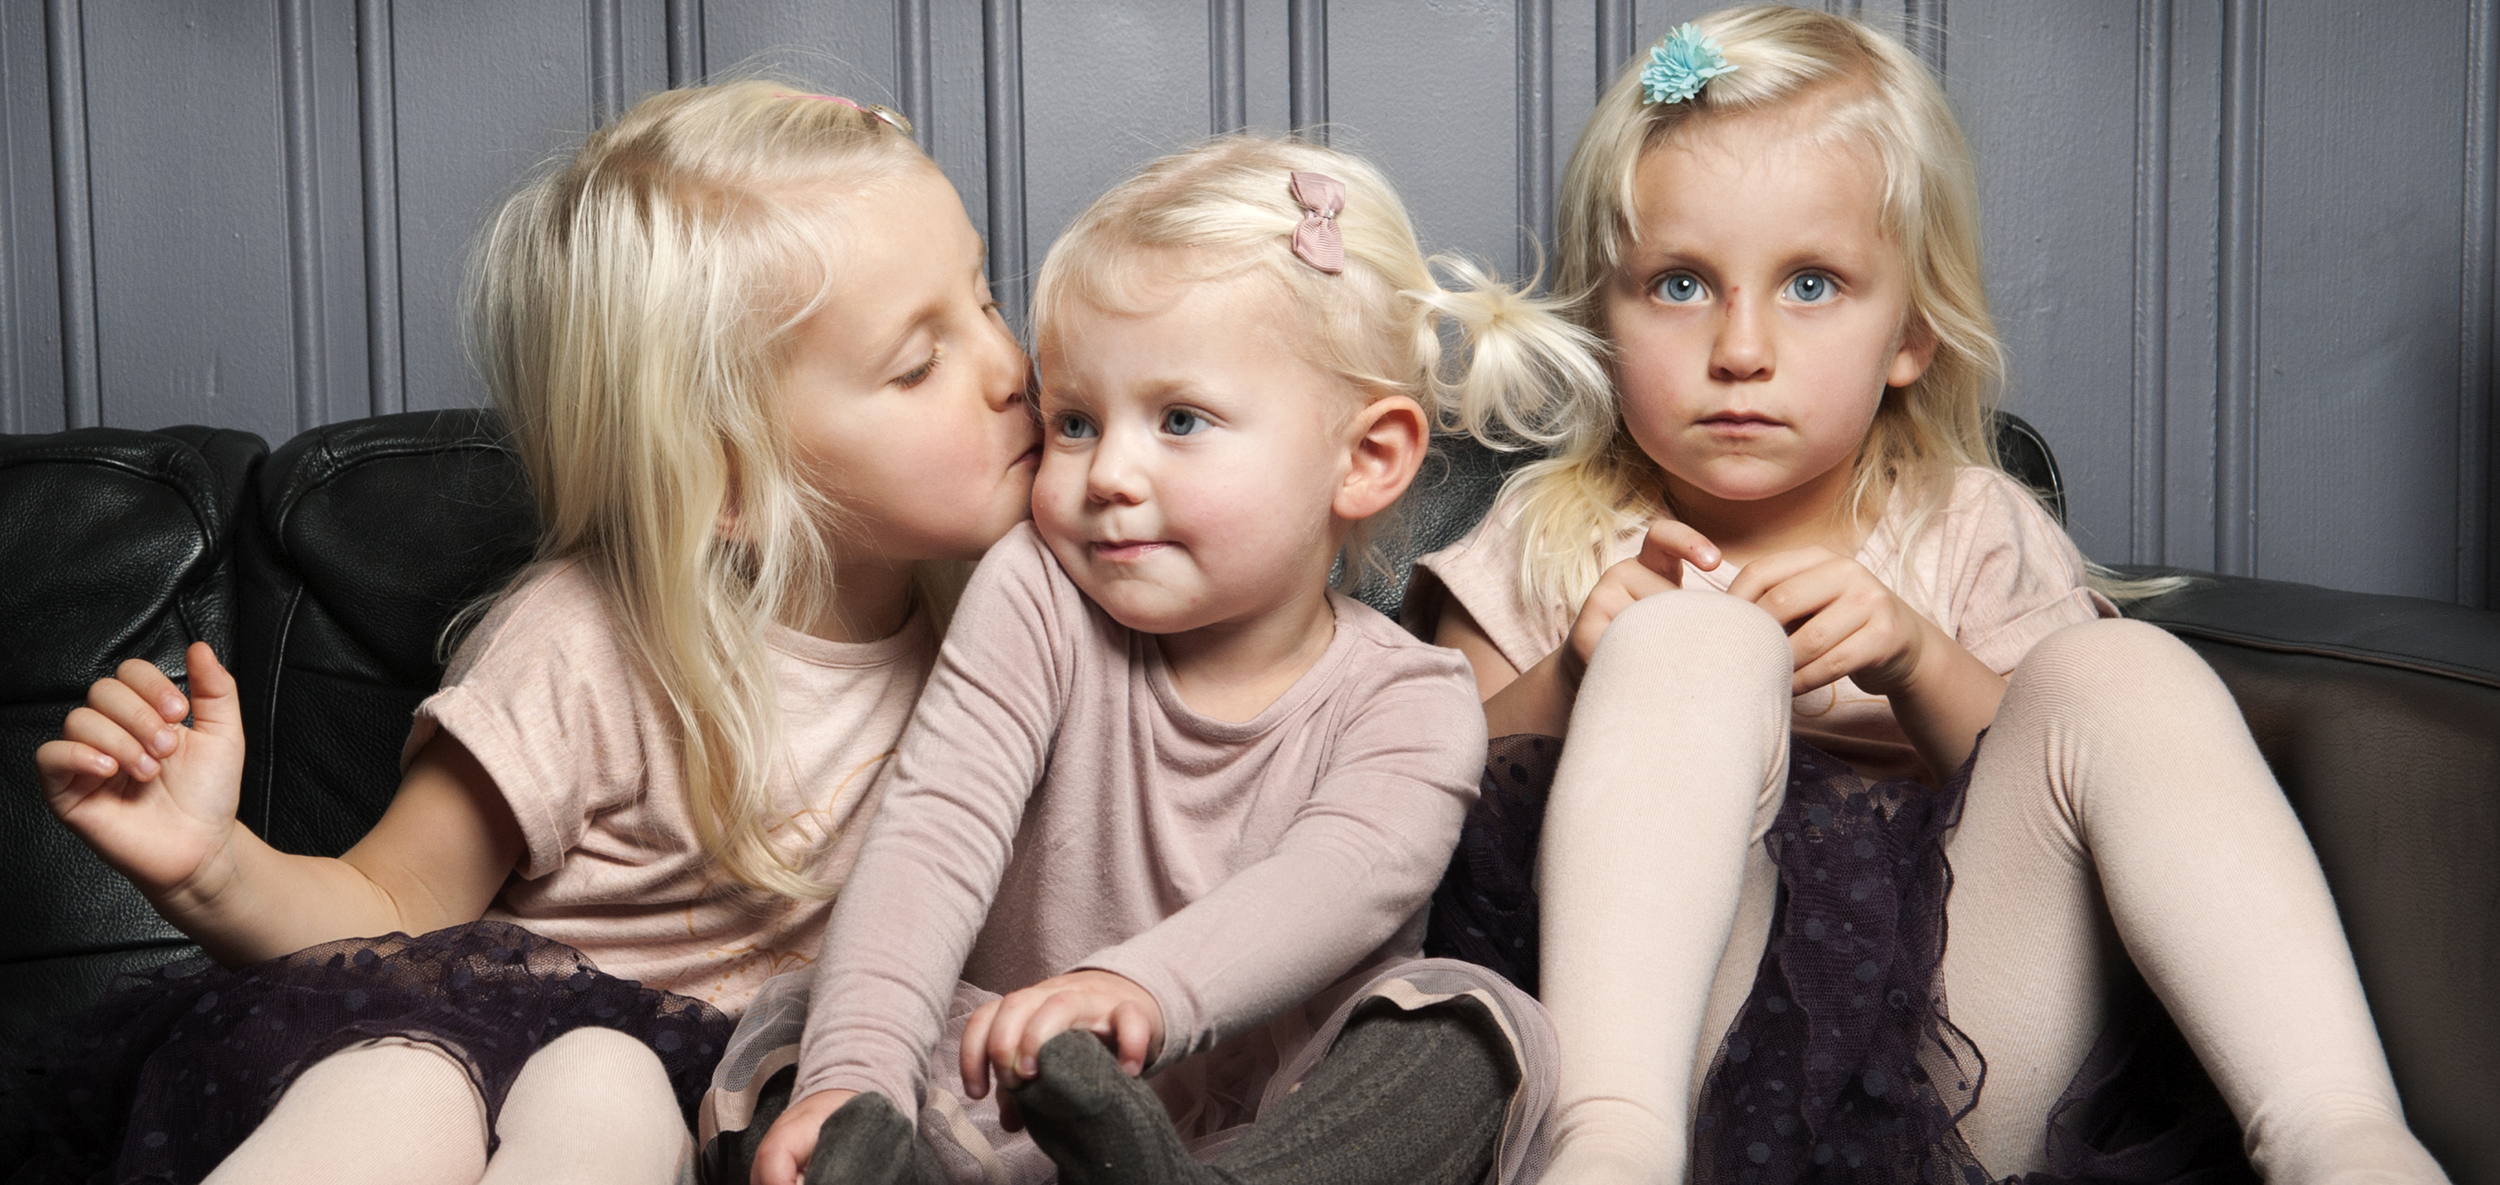 Jenny, Olivia & Emmylou